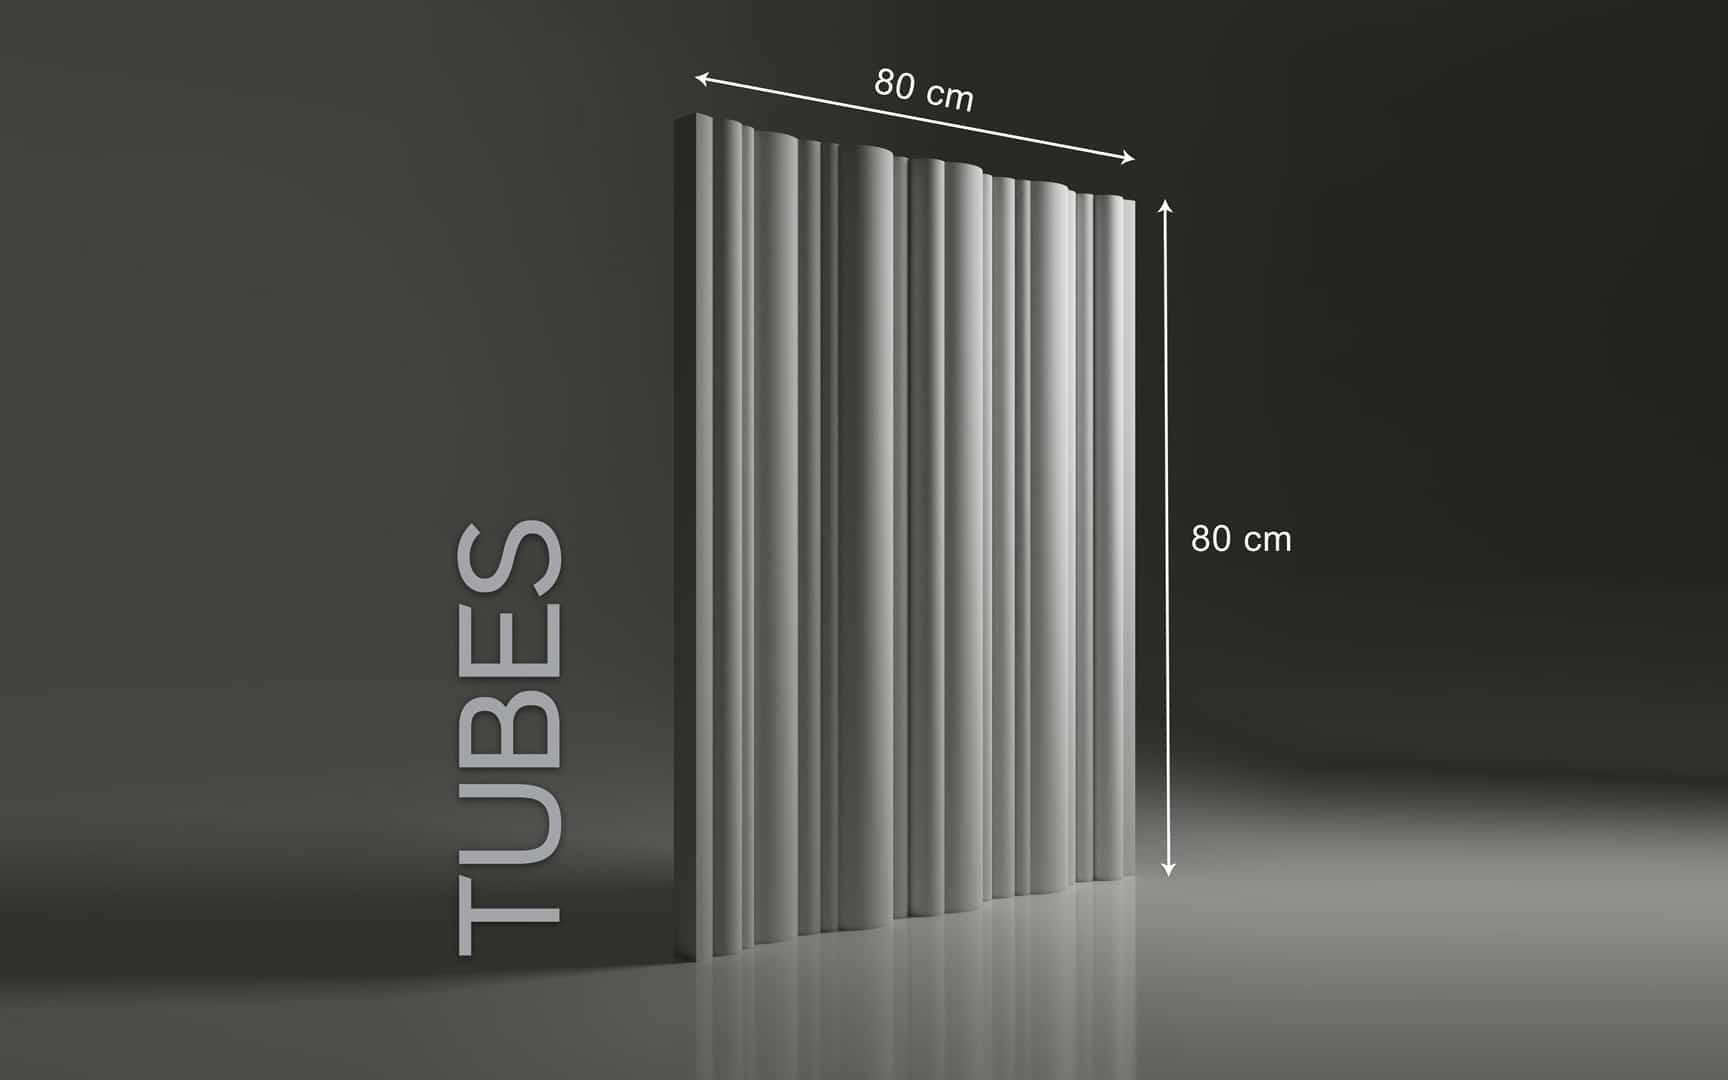 TUBES DIMENSIONS : hauteur 80 cm x largeur 80 cm ÉPAISSEUR : de 1,5 cm à 4,5 cm POIDS : environ 15 kg